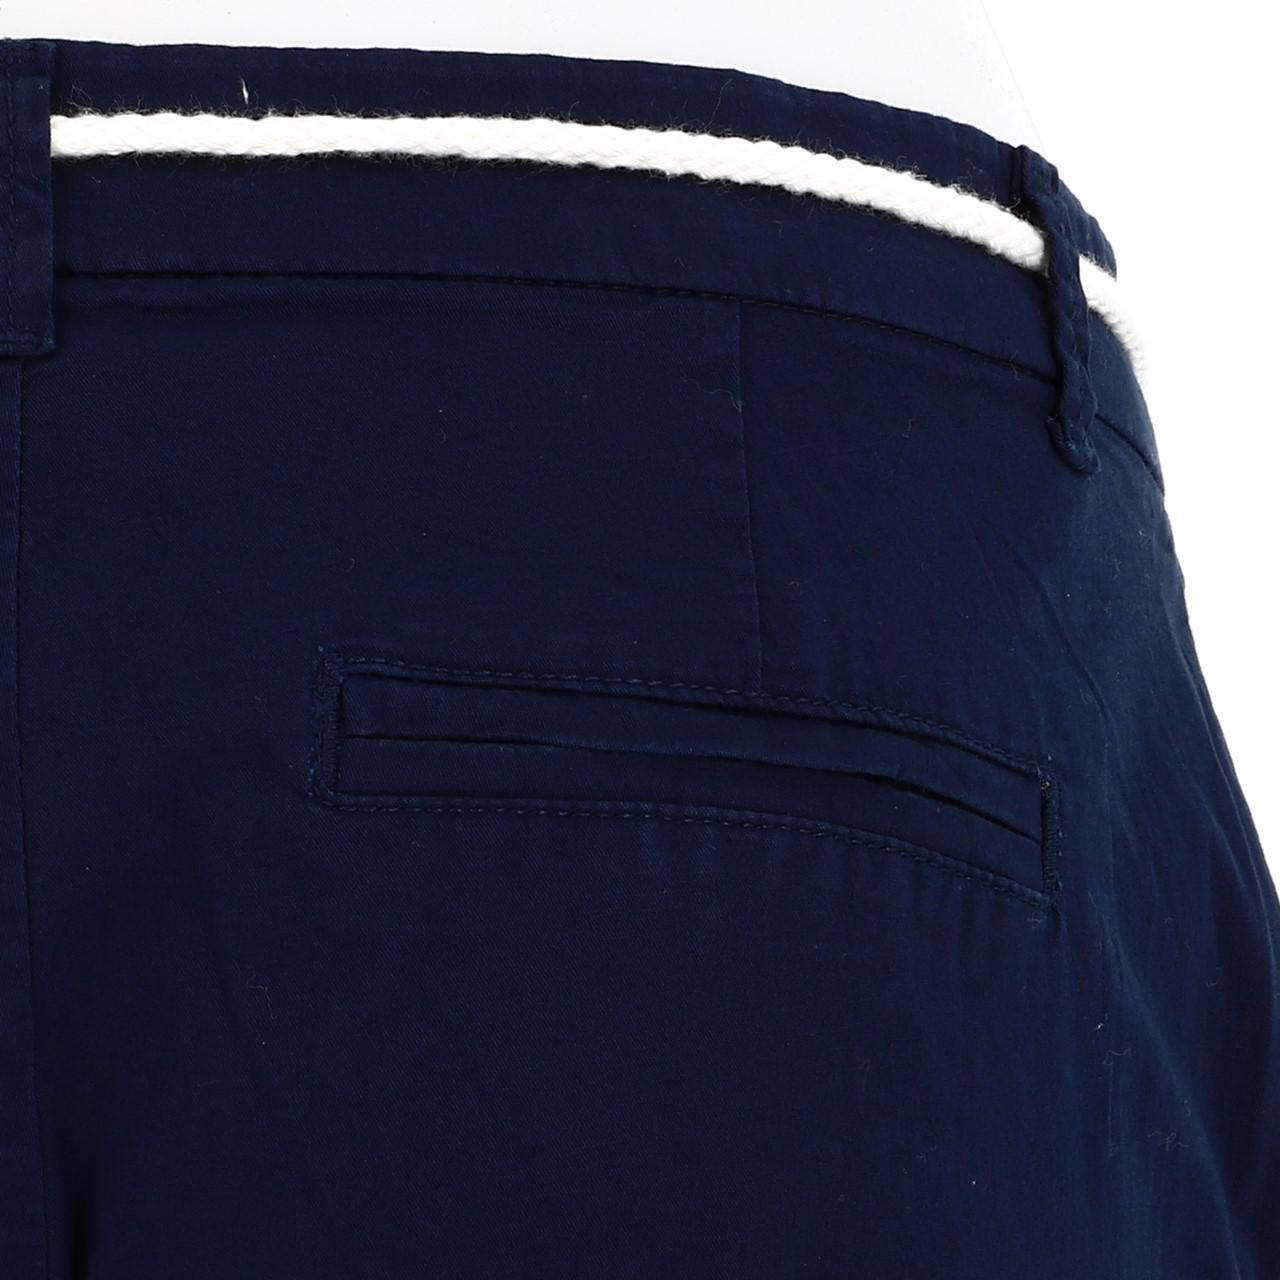 Bermuda-Shorts-Only-Paris-L-Chino-Navy-Shorts-Blue-18677-New thumbnail 4